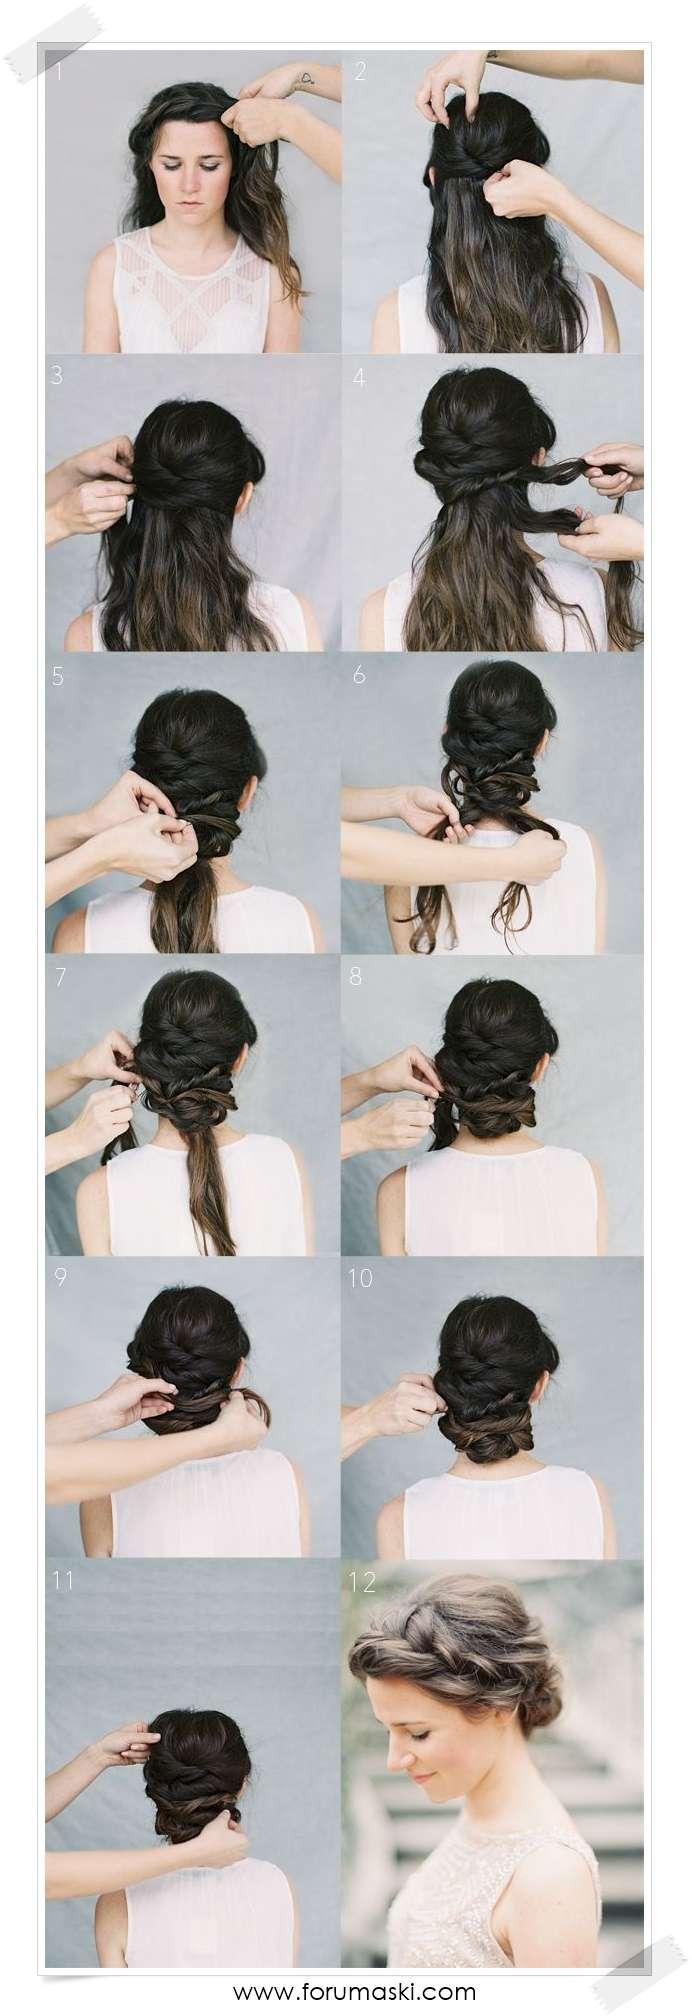 Греческие прически на длинные волосы в домашних условиях